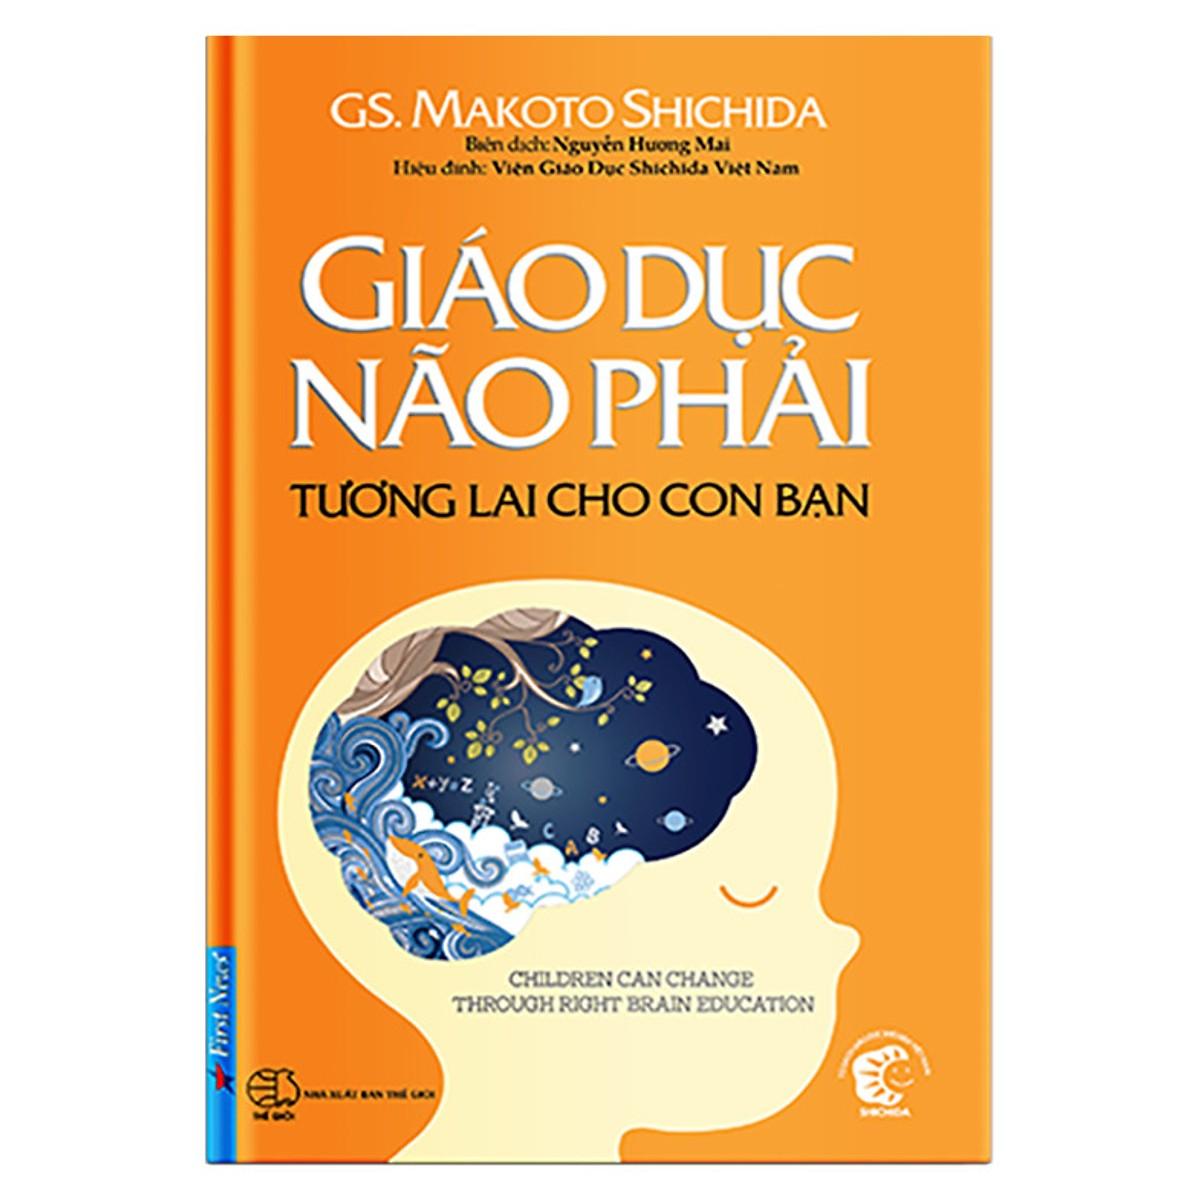 Bộ sách 5 cuốn Bí Quyết Nuôi Dạy Con Theo Phương Pháp Shichida